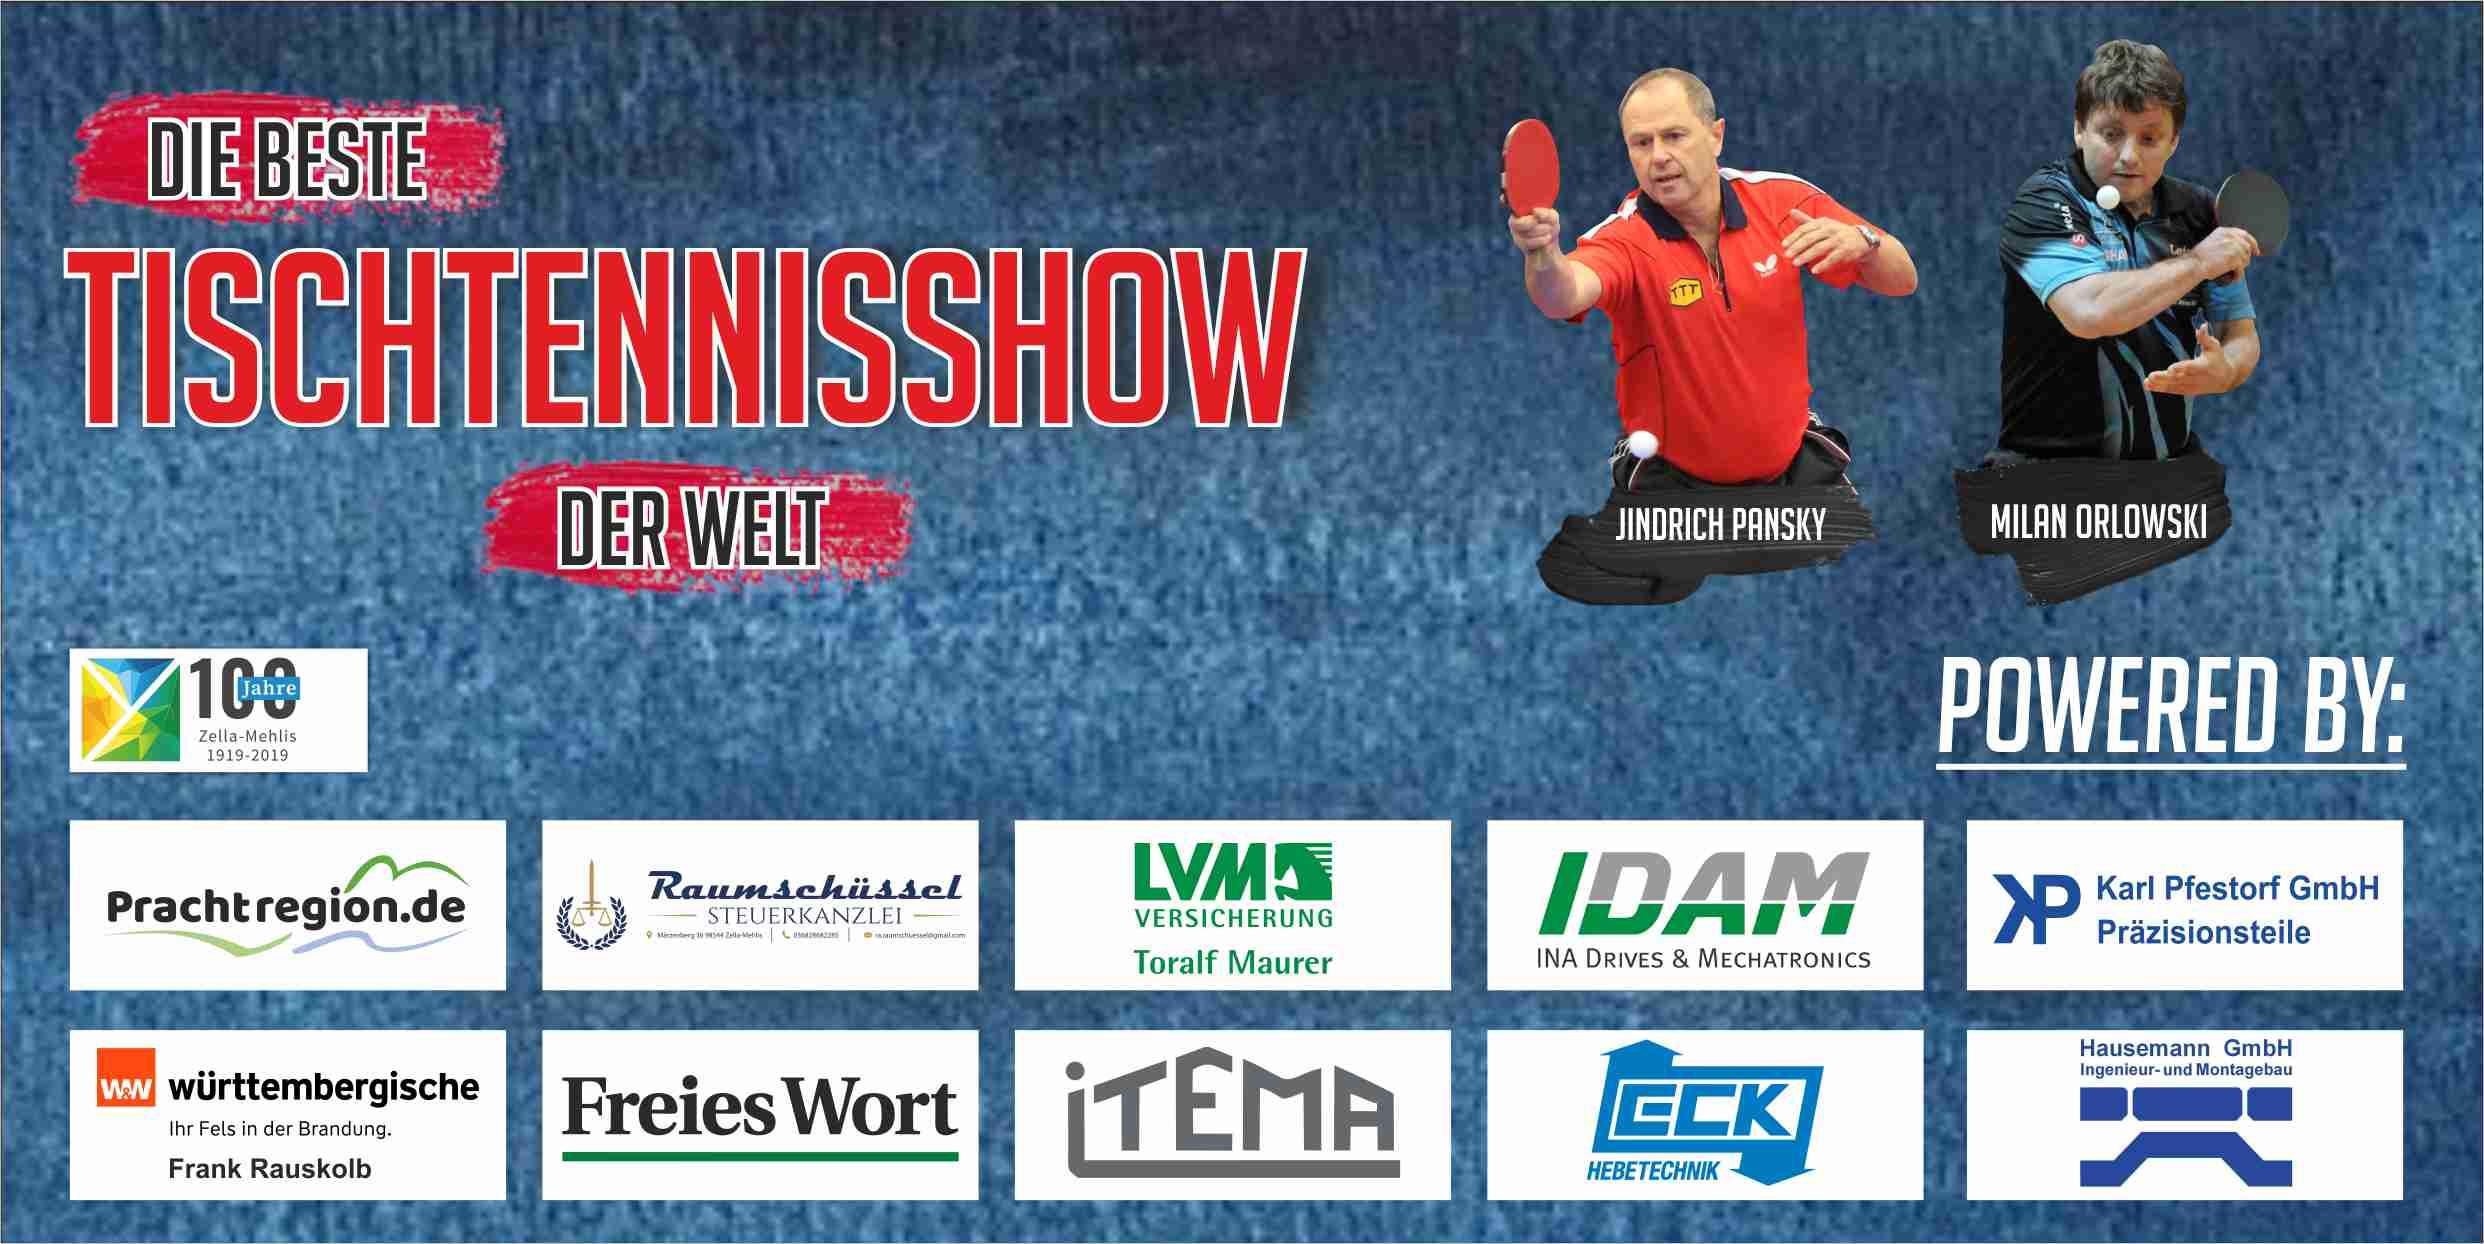 TSV Zella Mehlis Tischtennisshow Eintrittskarte Rück 02 2019